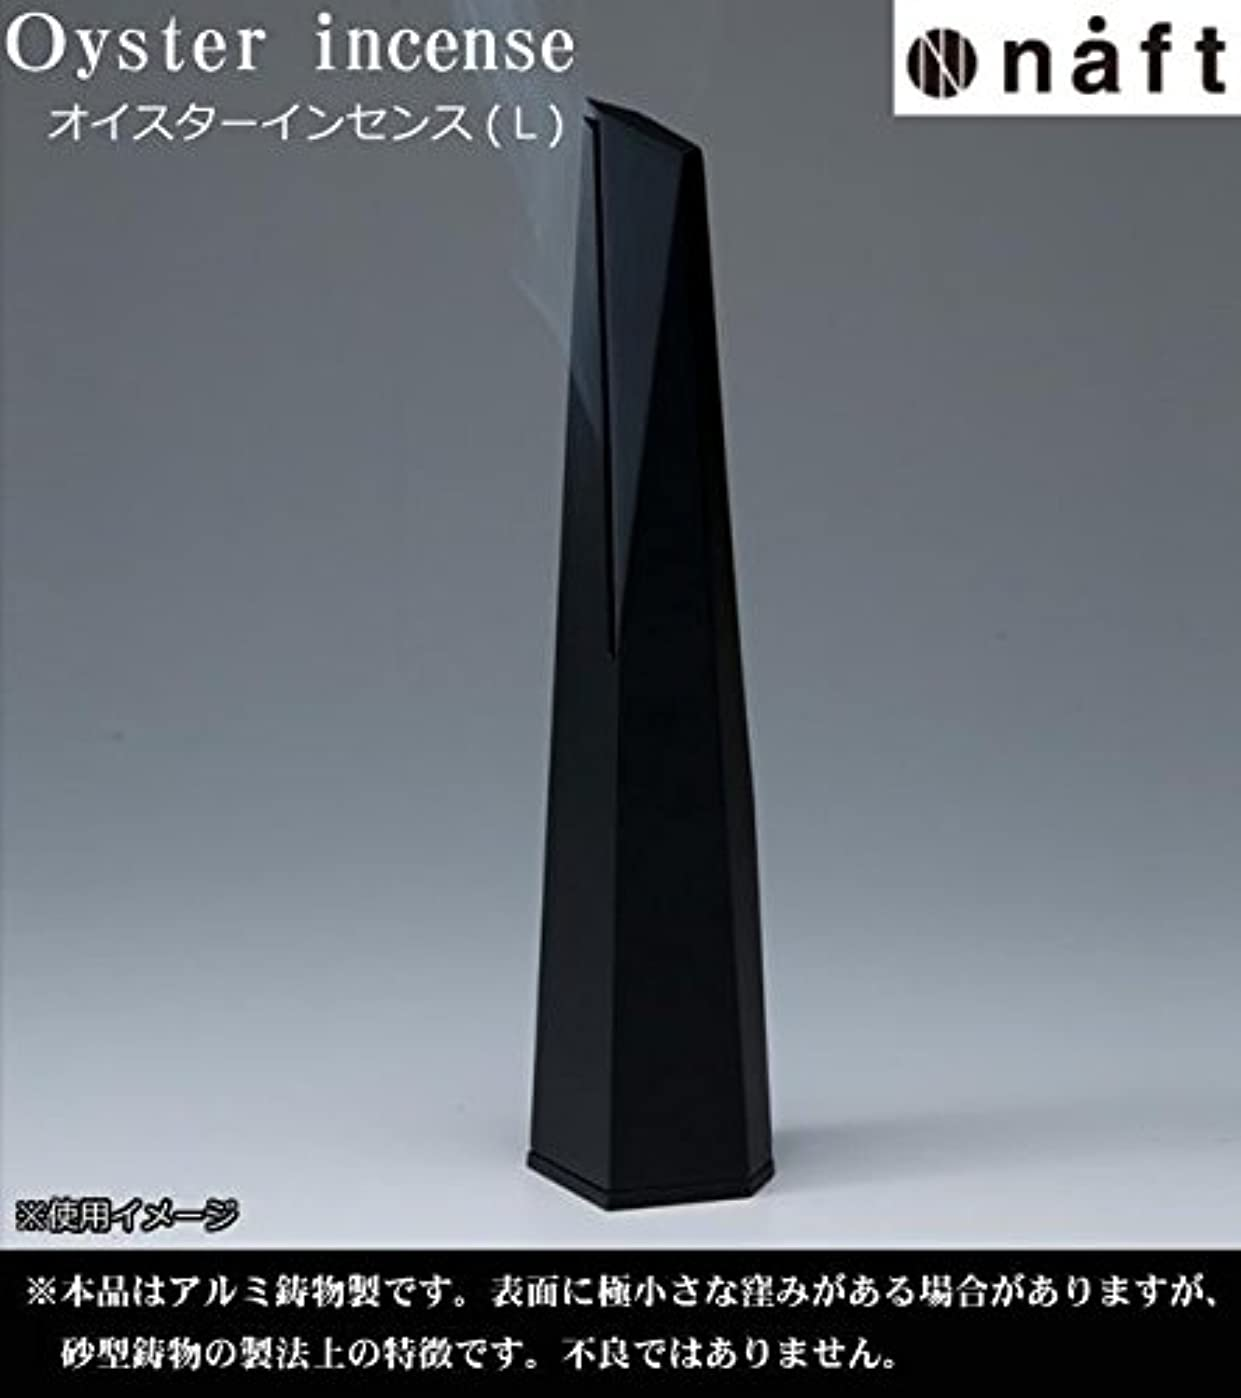 舌意図ゼロnaft Oyster incense オイスターインセンス 香炉 Lサイズ ブラック